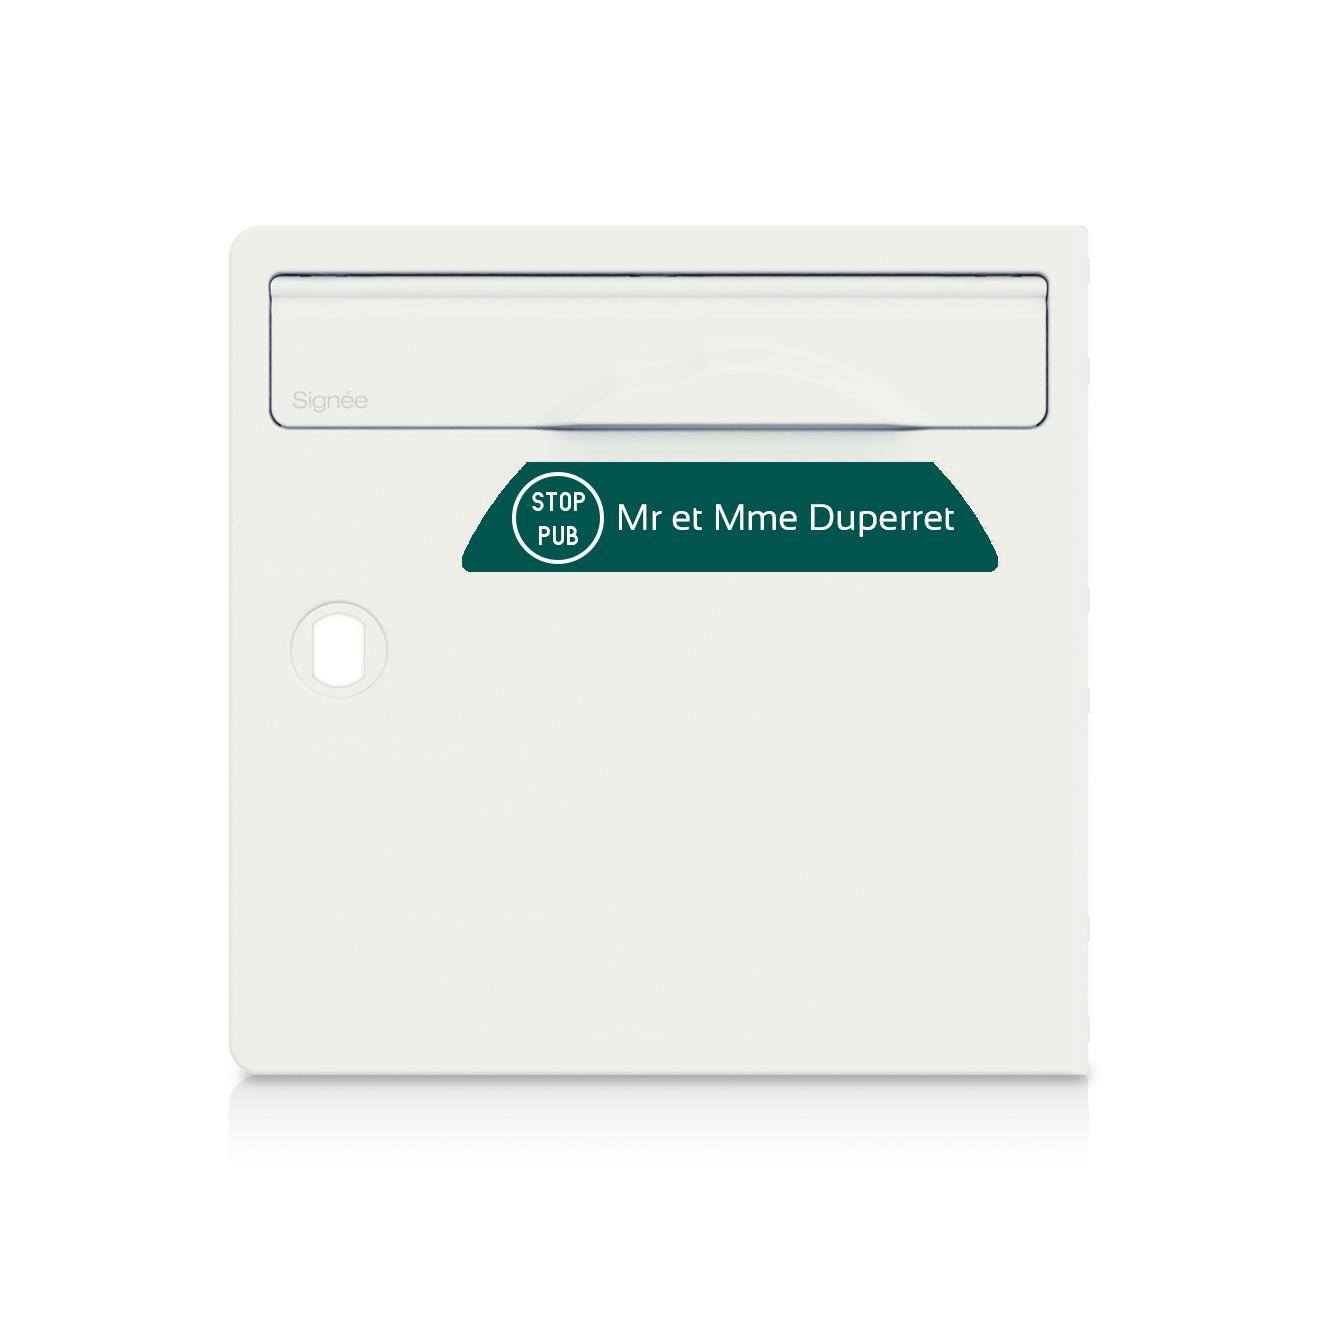 Plaque boite aux lettres Signée STOP PUB vert foncé lettres blanches - 1 ligne